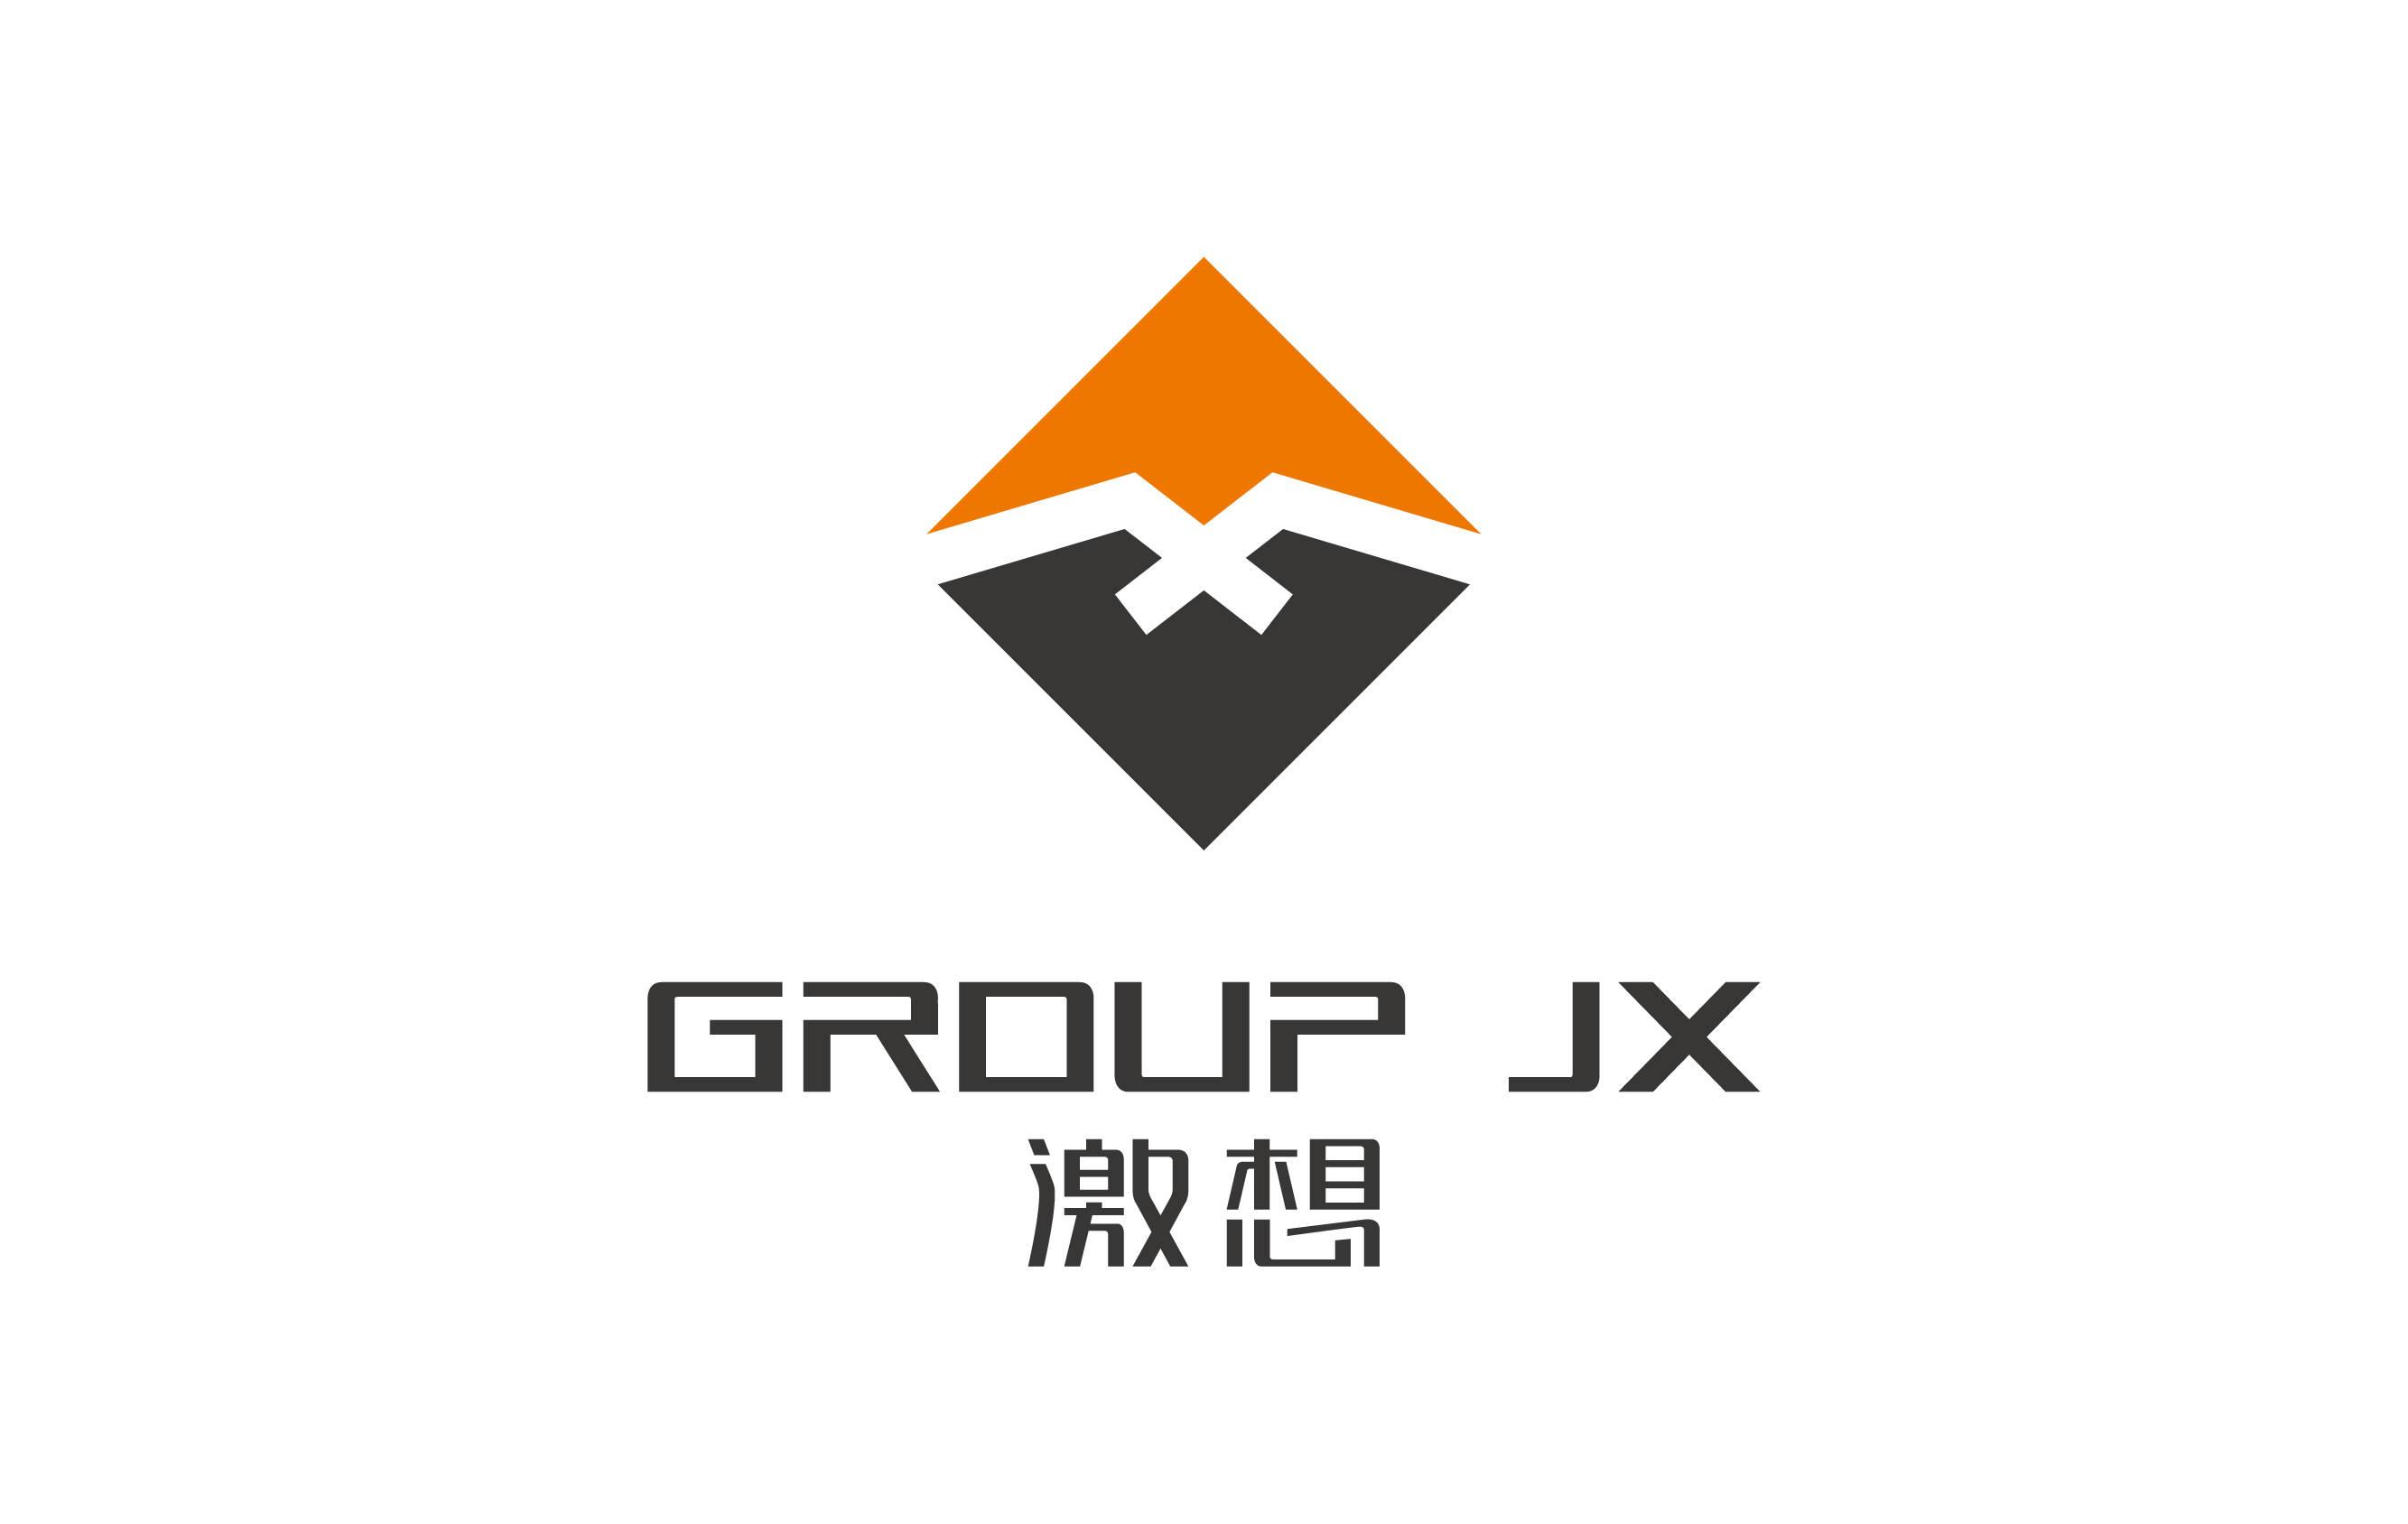 上海激想体育用品logo标志亿博体育直播